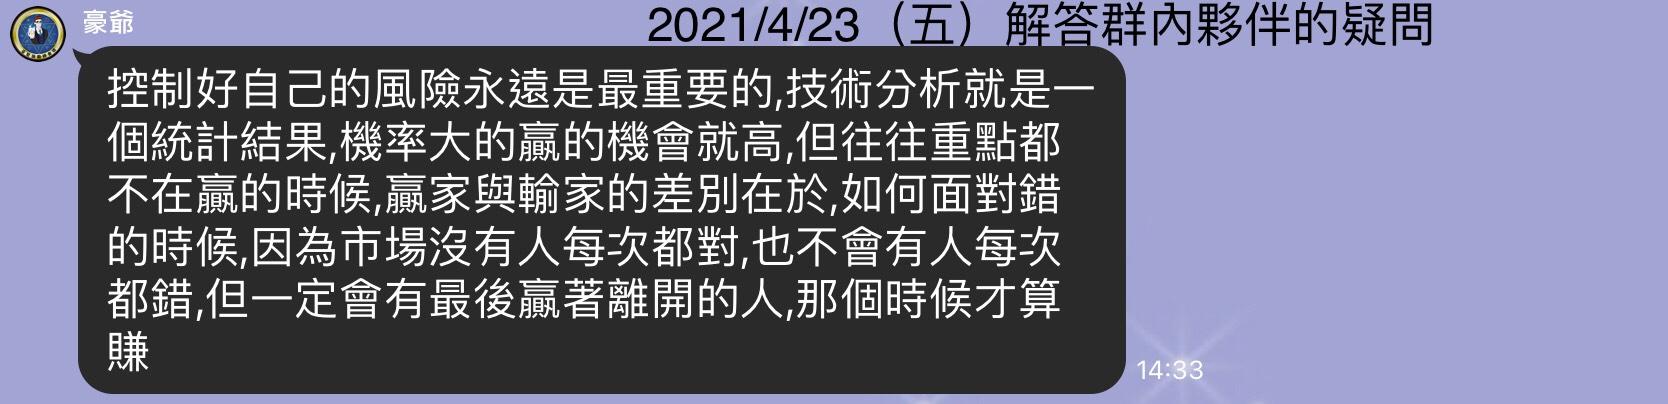 2021/04/26 豪爺週報+感謝參與台南講座的各位支持_04